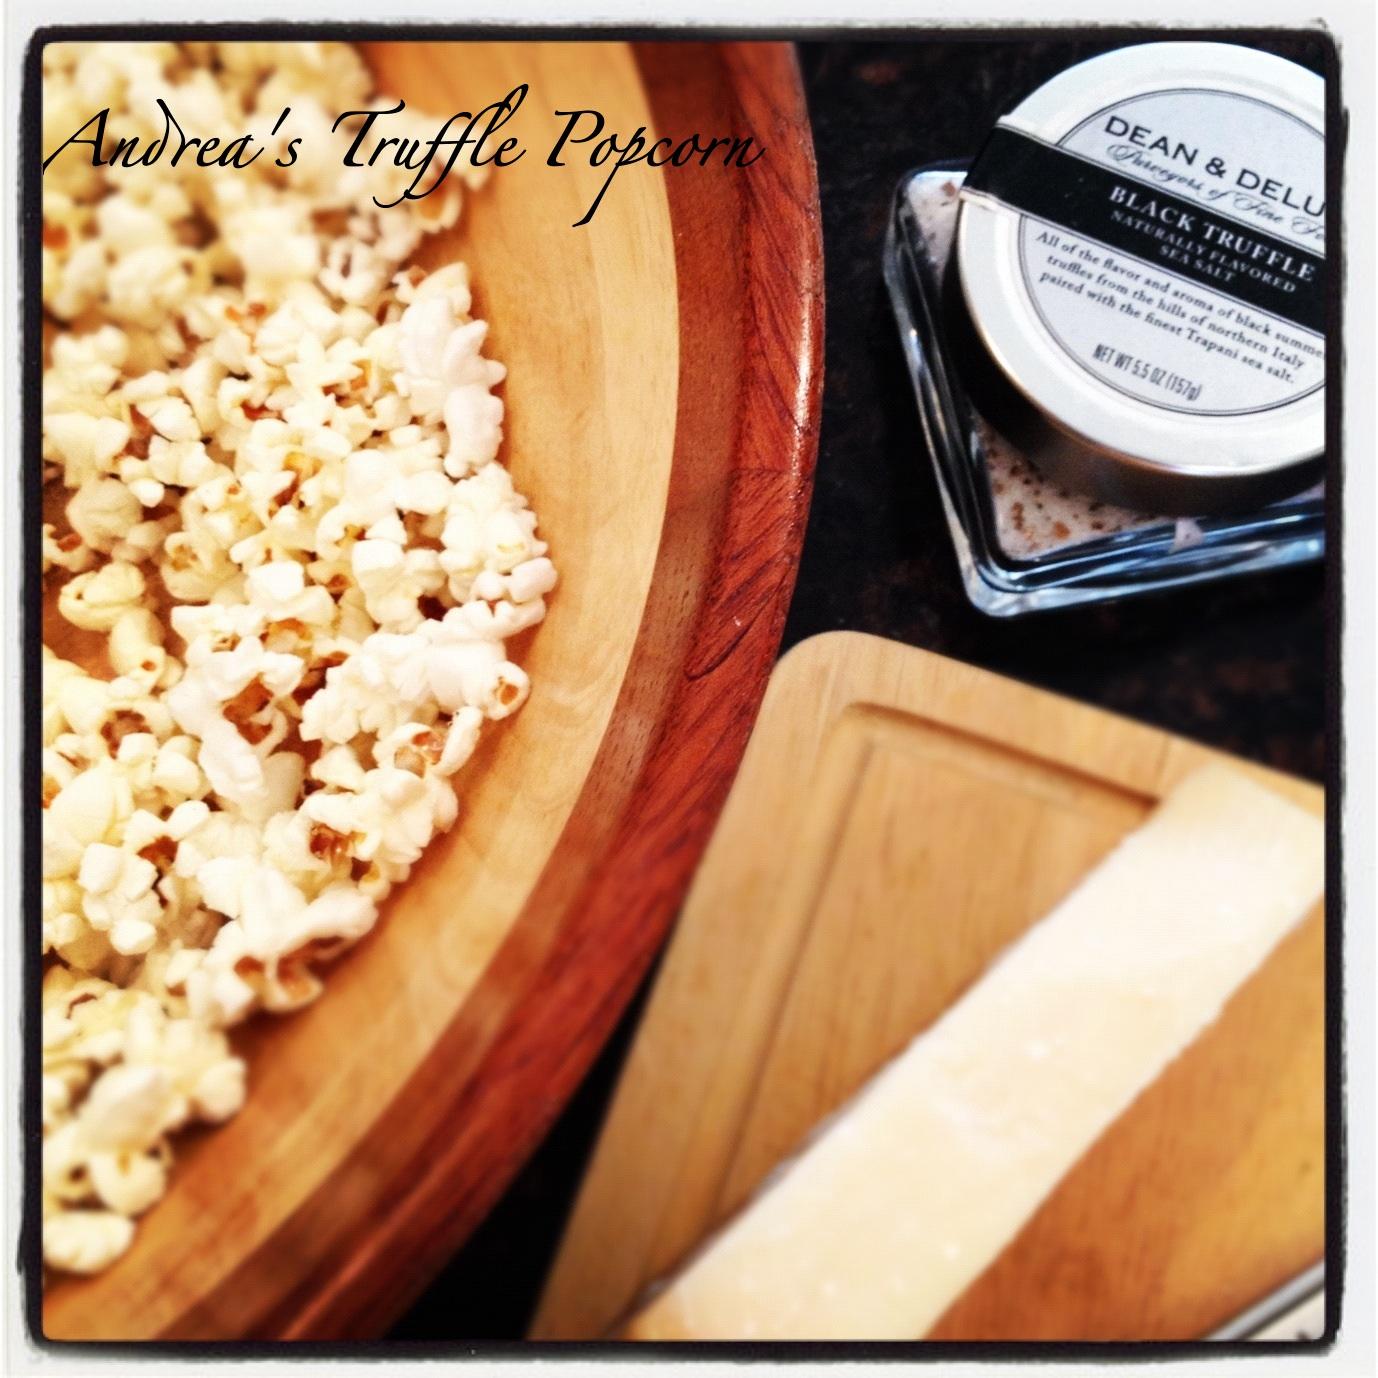 Andrea's Truffle Popcorn